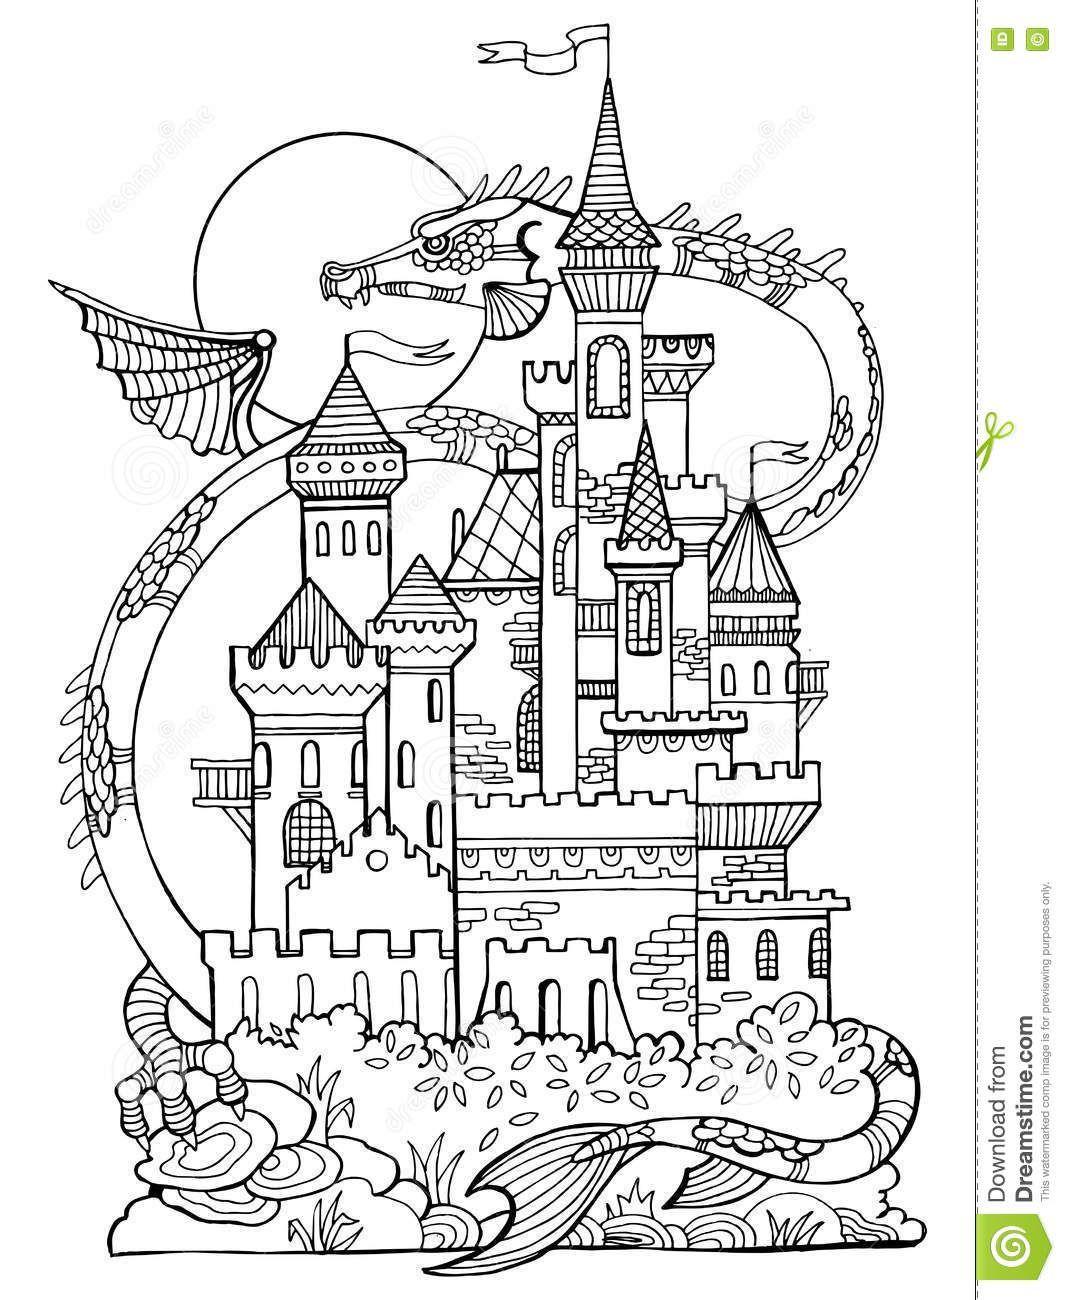 Coloriage Chateau Princesse en 2020 | Coloriage chateau ...